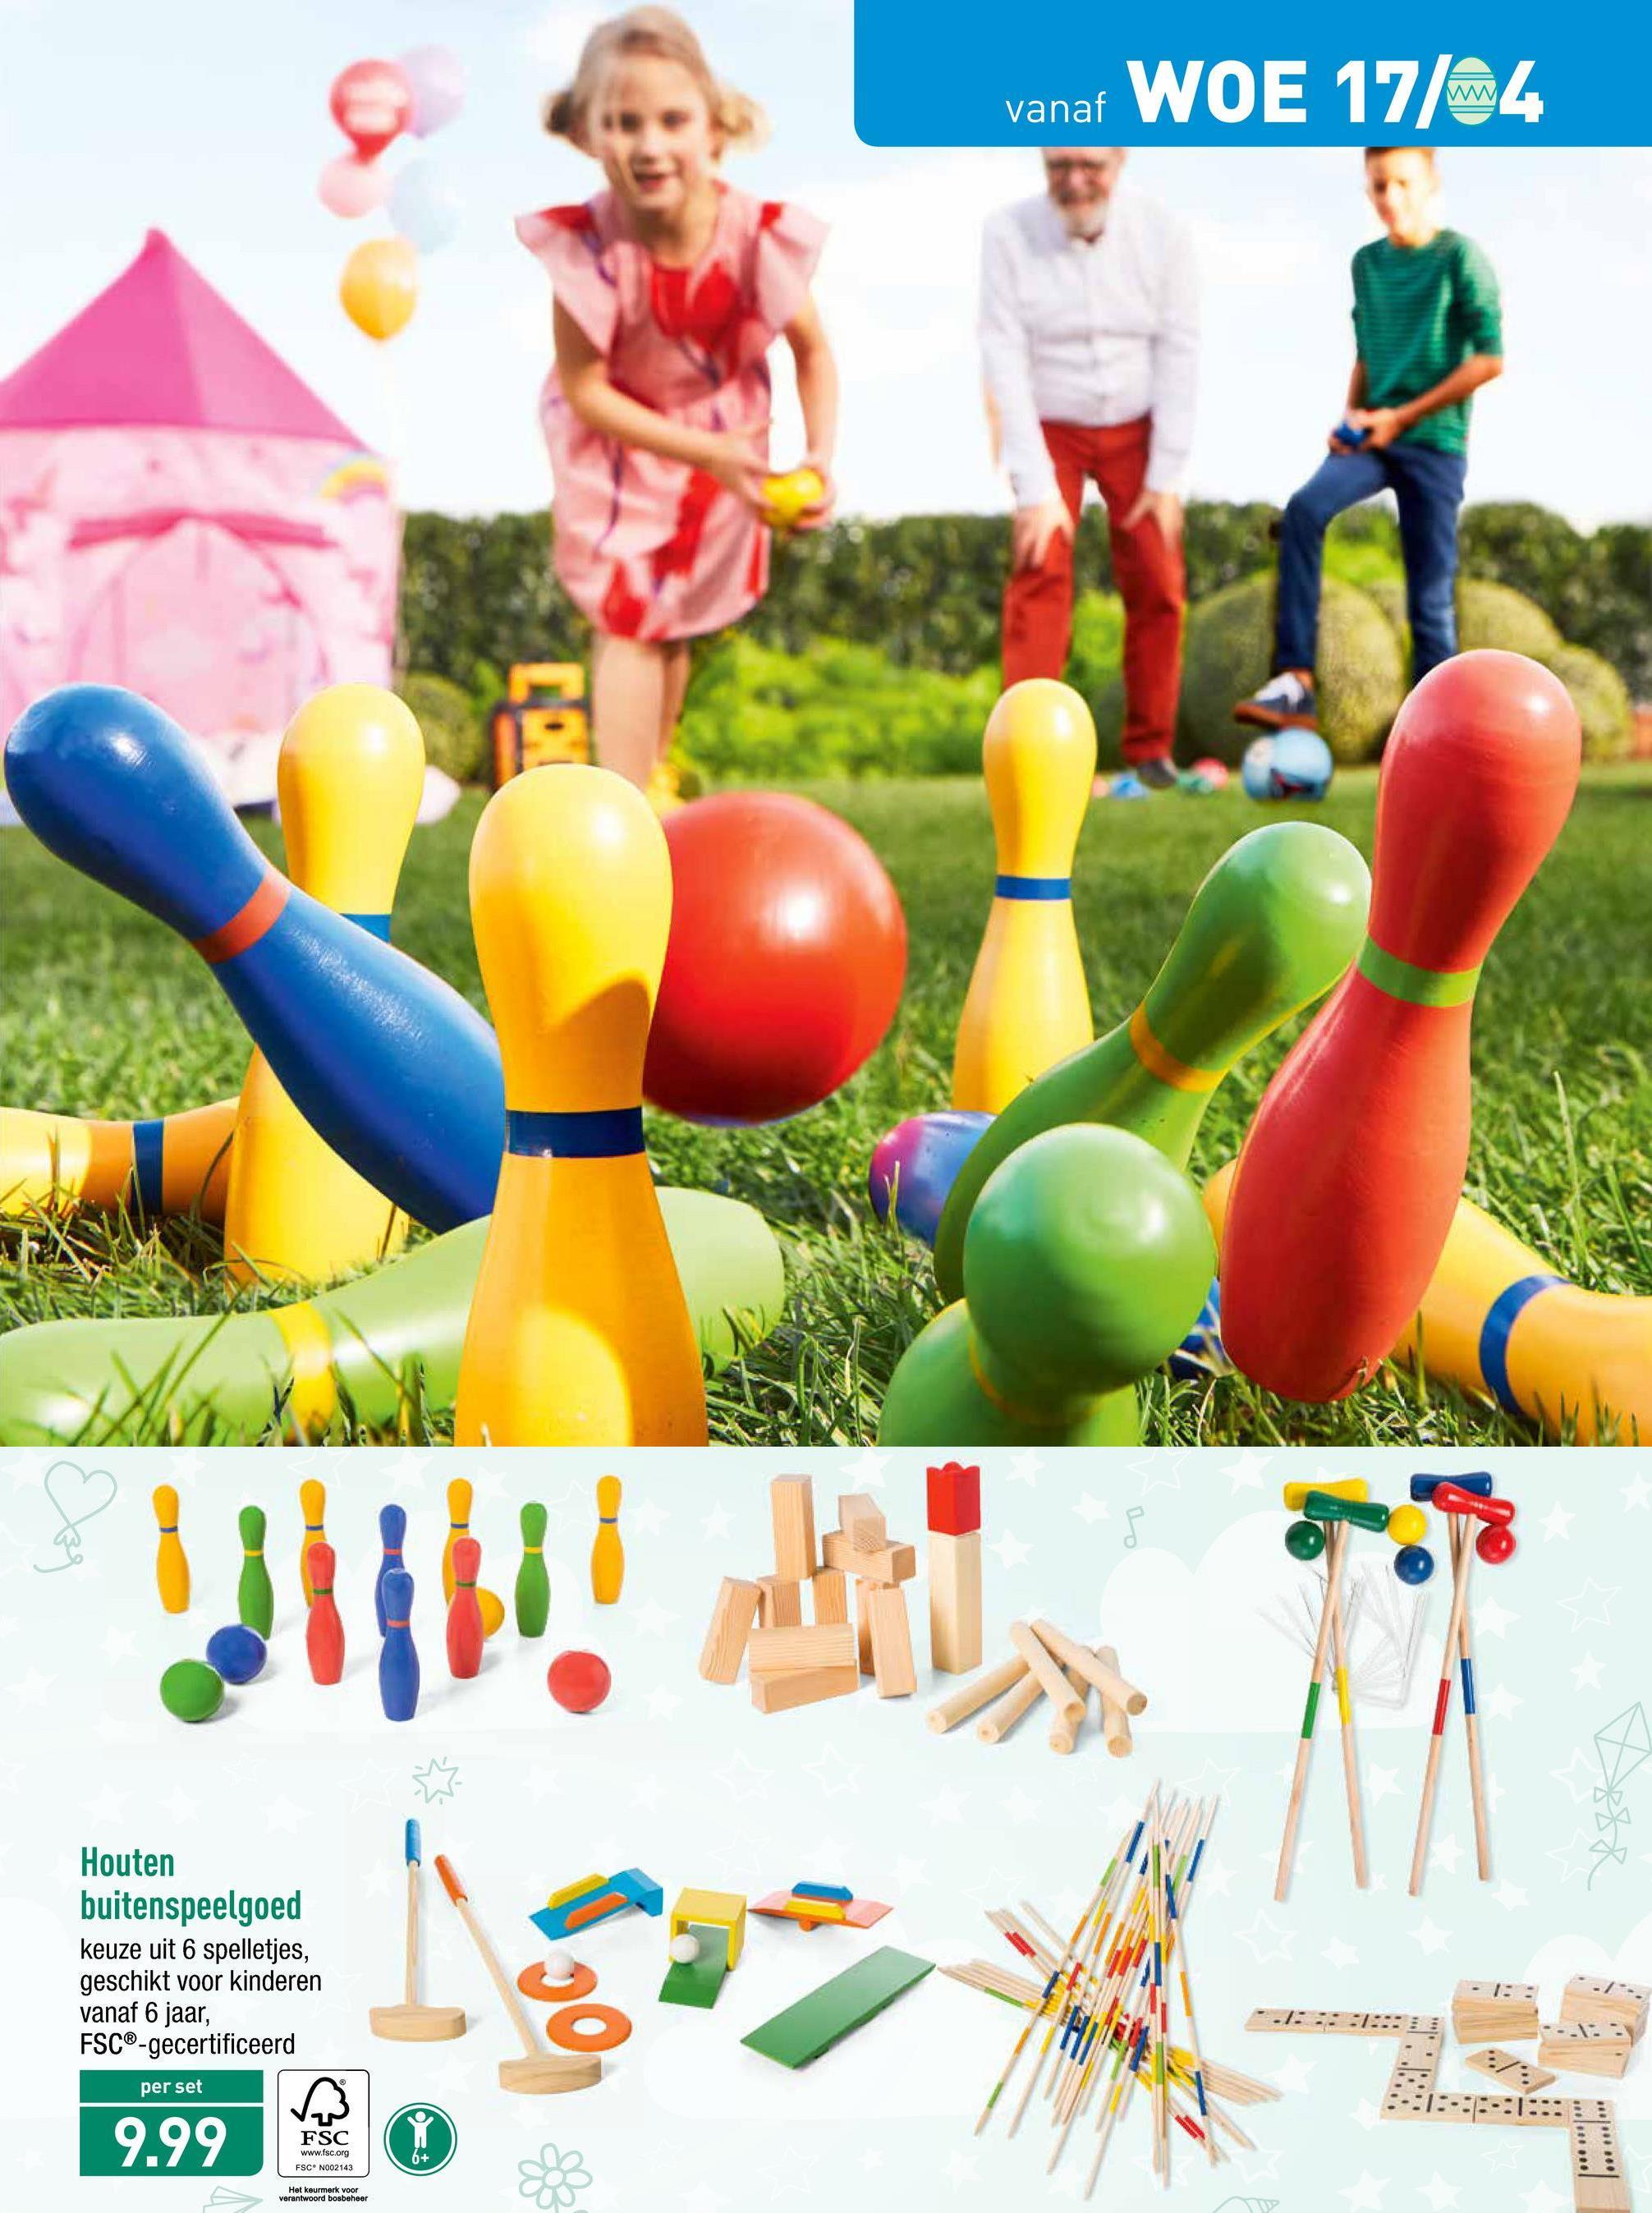 vanaf WOE 17/4 Houten buitenspeelgoed keuze uit 6 spelletjes, geschikt voor kinderen vanaf 6 jaar, FSC®-gecertificeerd per set -:1:::::1::::: 9.99 FSC www.fsc.org FSCN002143 Het keurmerk voor verantwoord bosbeheer